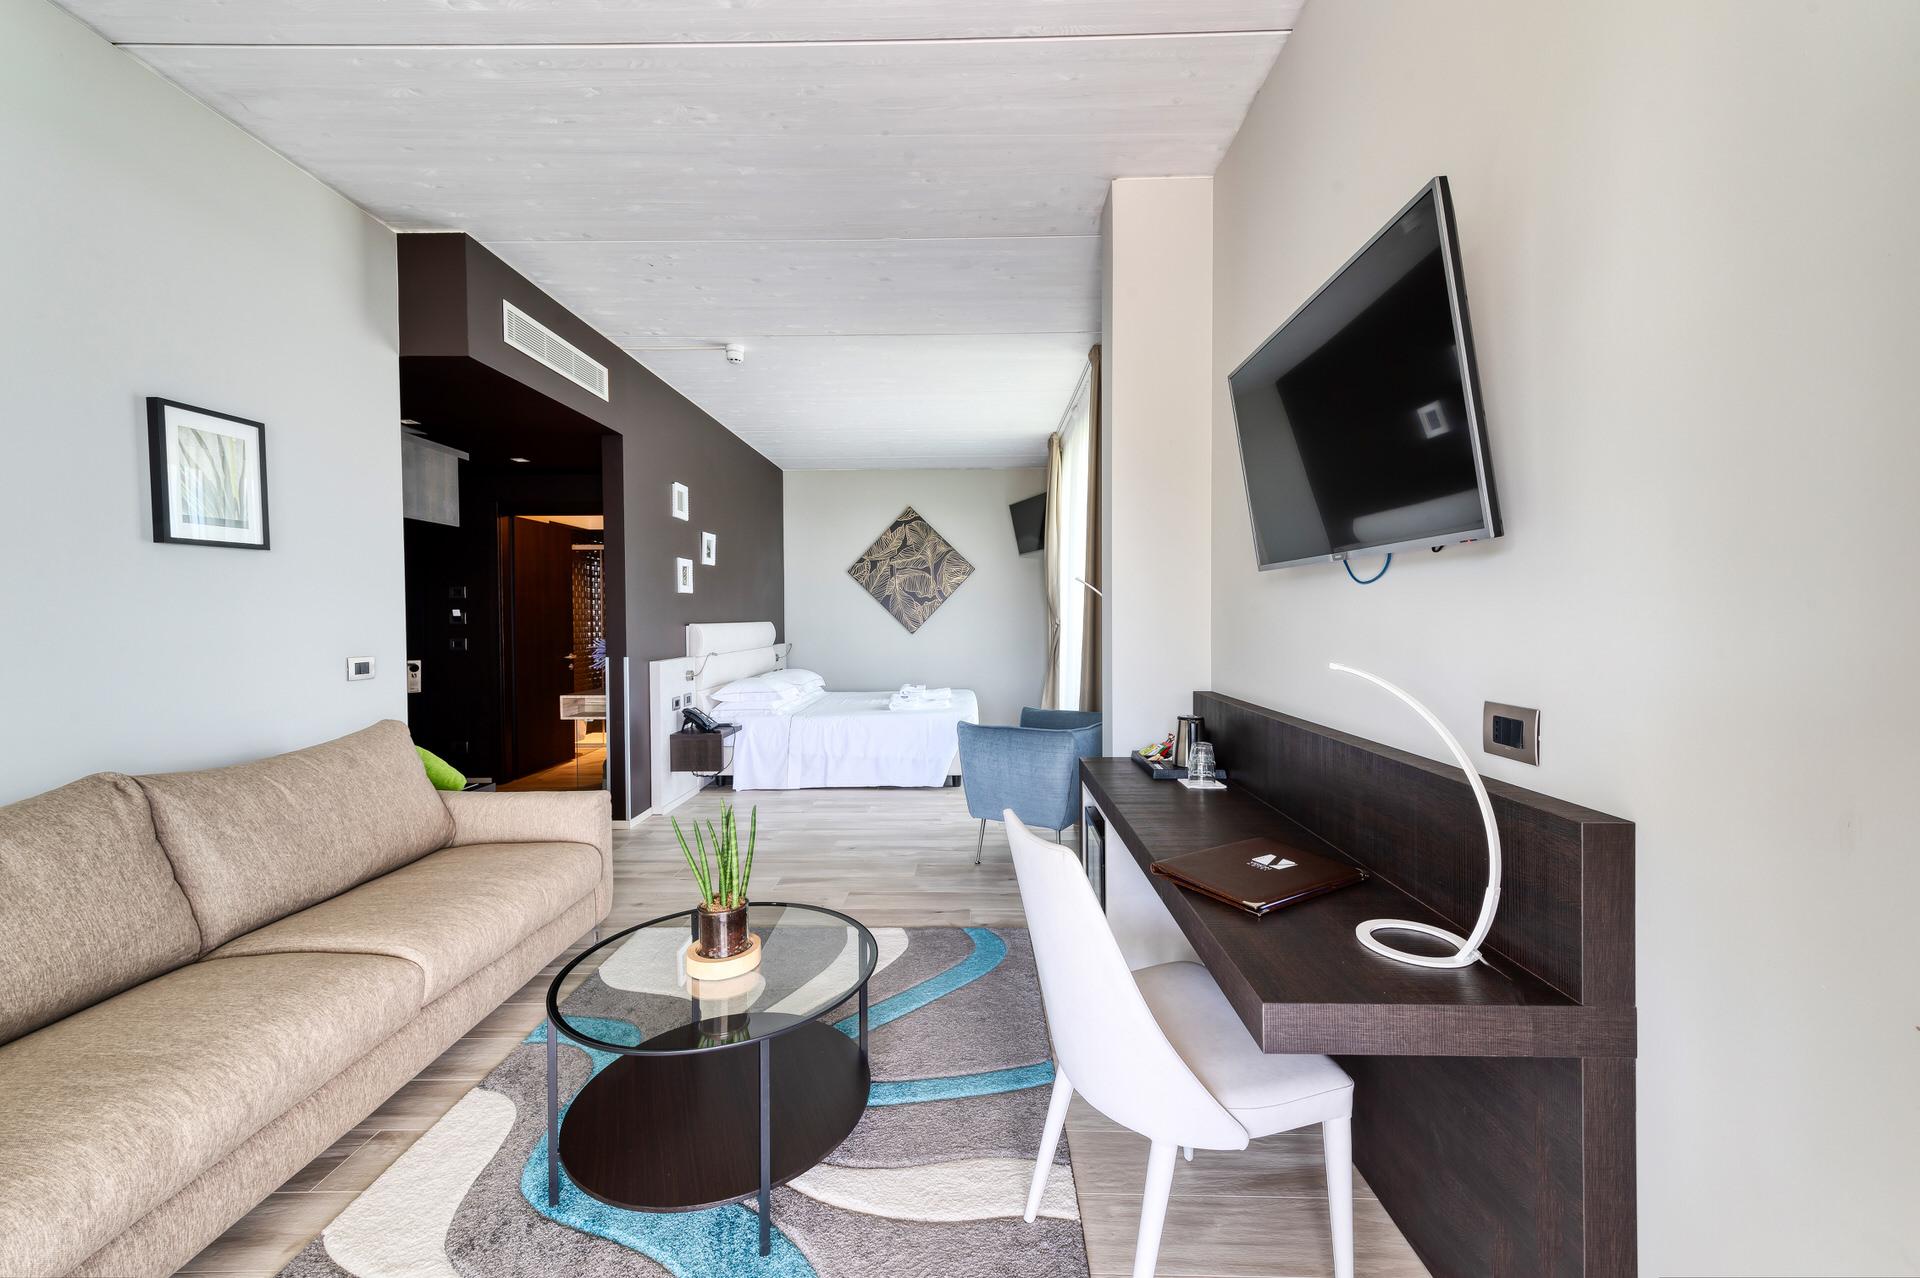 servizio fotografico professionale interno suite hotel lago garda